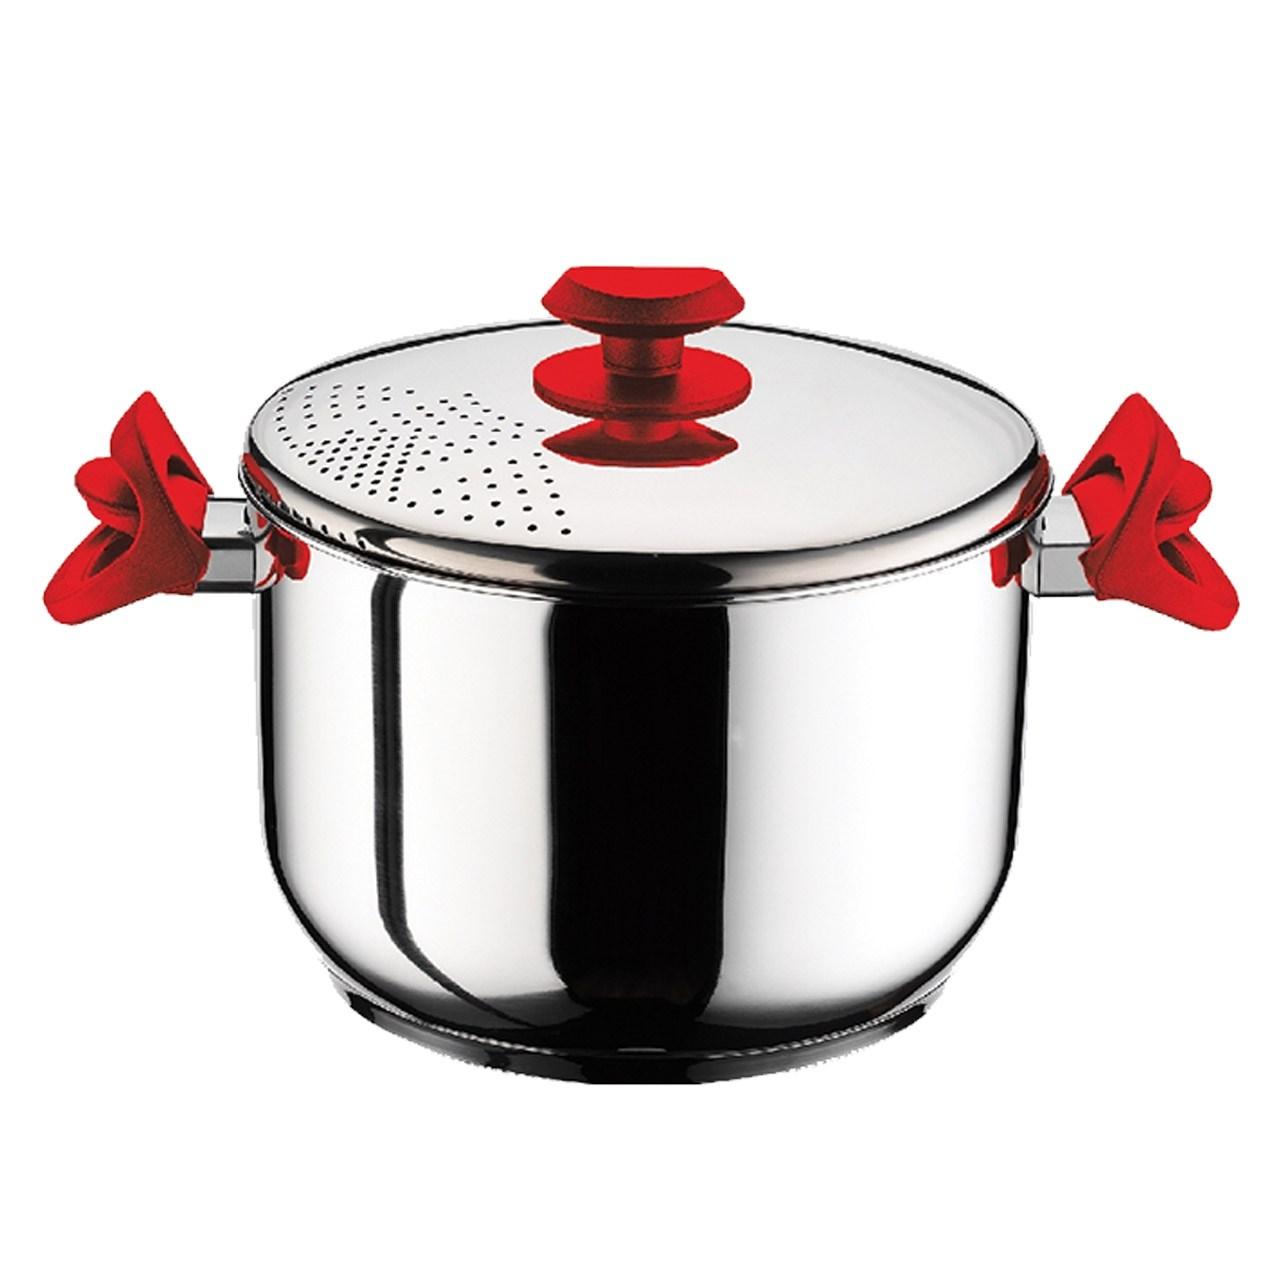 قابلمه پاستا پز هاس جوهر مدل Pasta Pot سایز 22